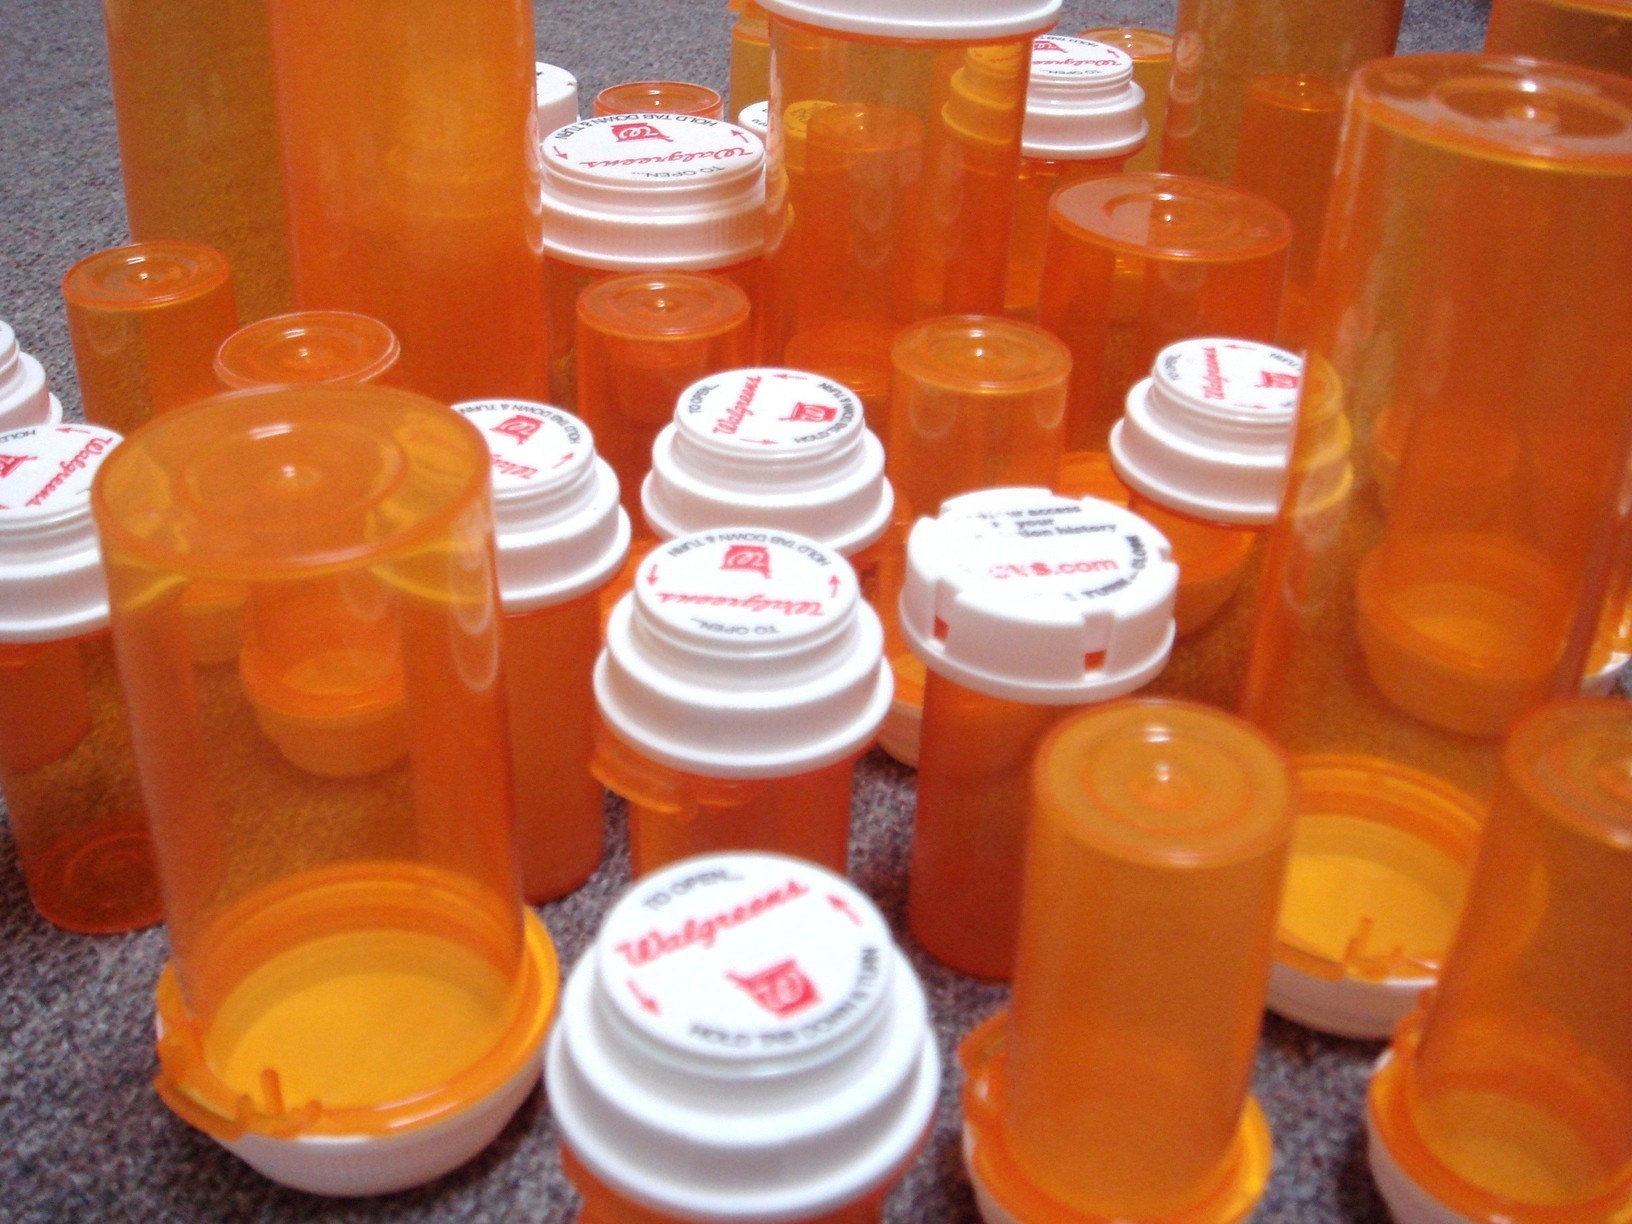 38 medicine bottles for crafts by junkdrawer on etsy for Medicine bottle crafts